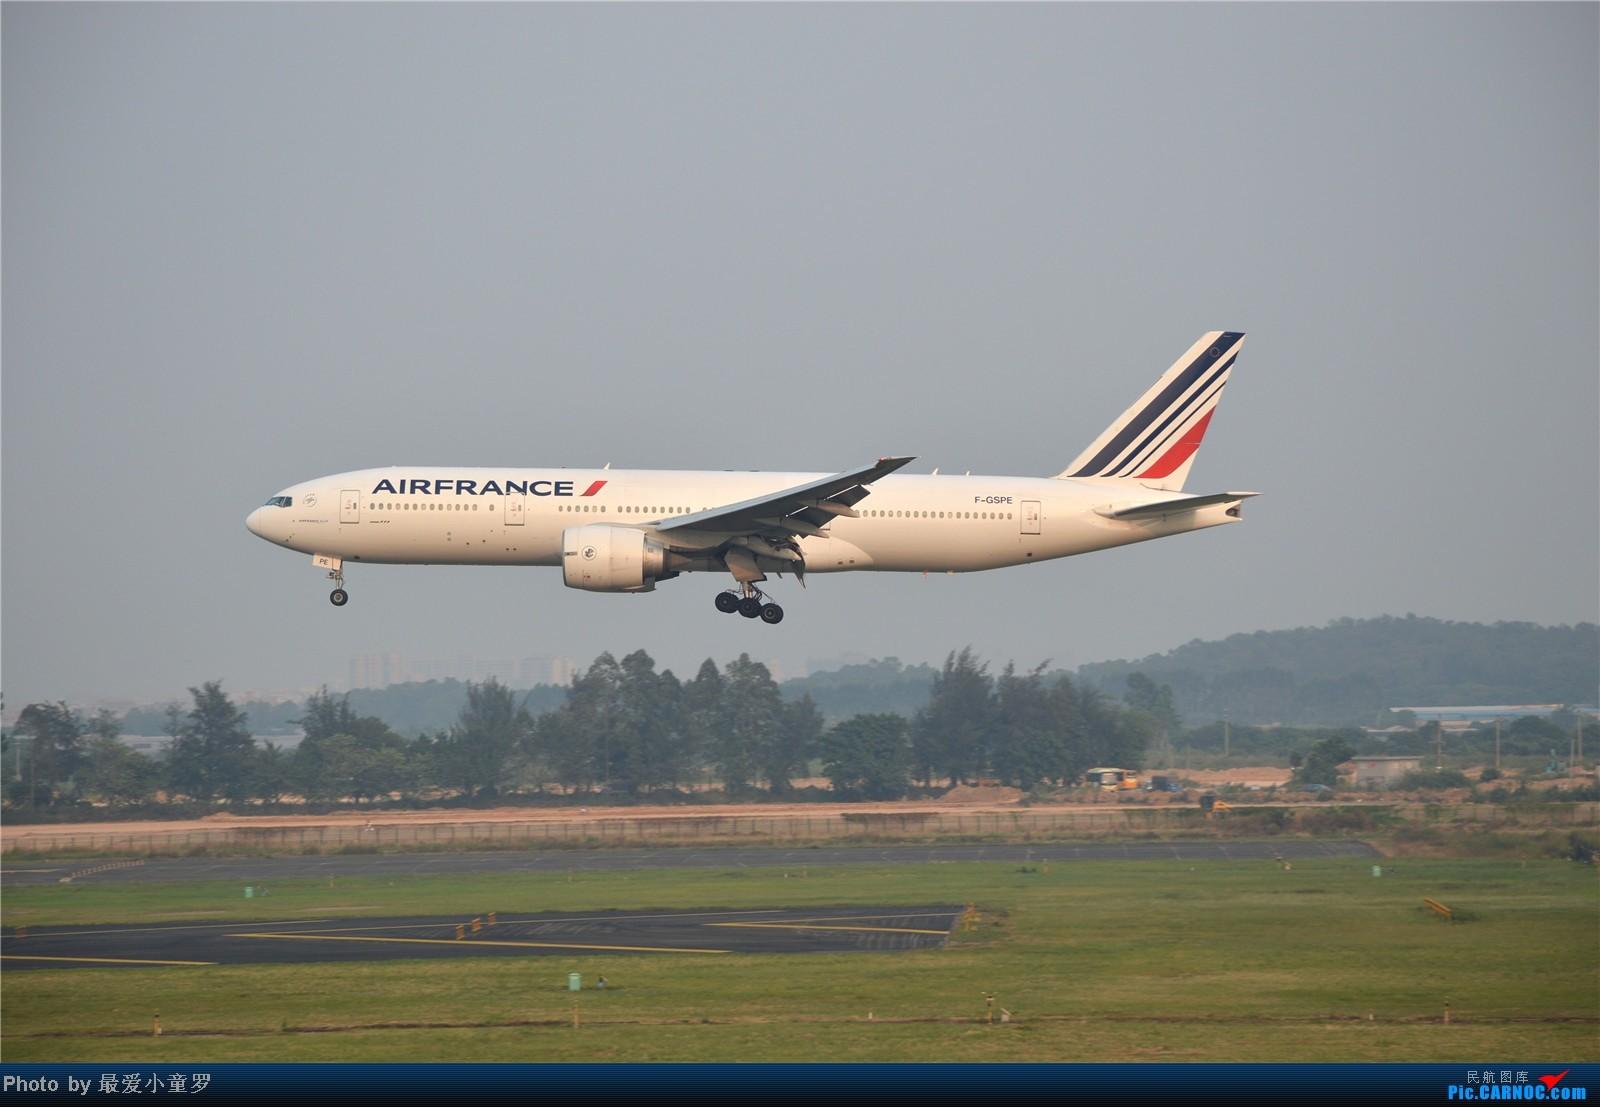 Re:[原创]炒冷饭系列2013年10月4日CAN拍机,带消防塔角度 BOEING 777-200 F-GSPE 中国广州白云机场